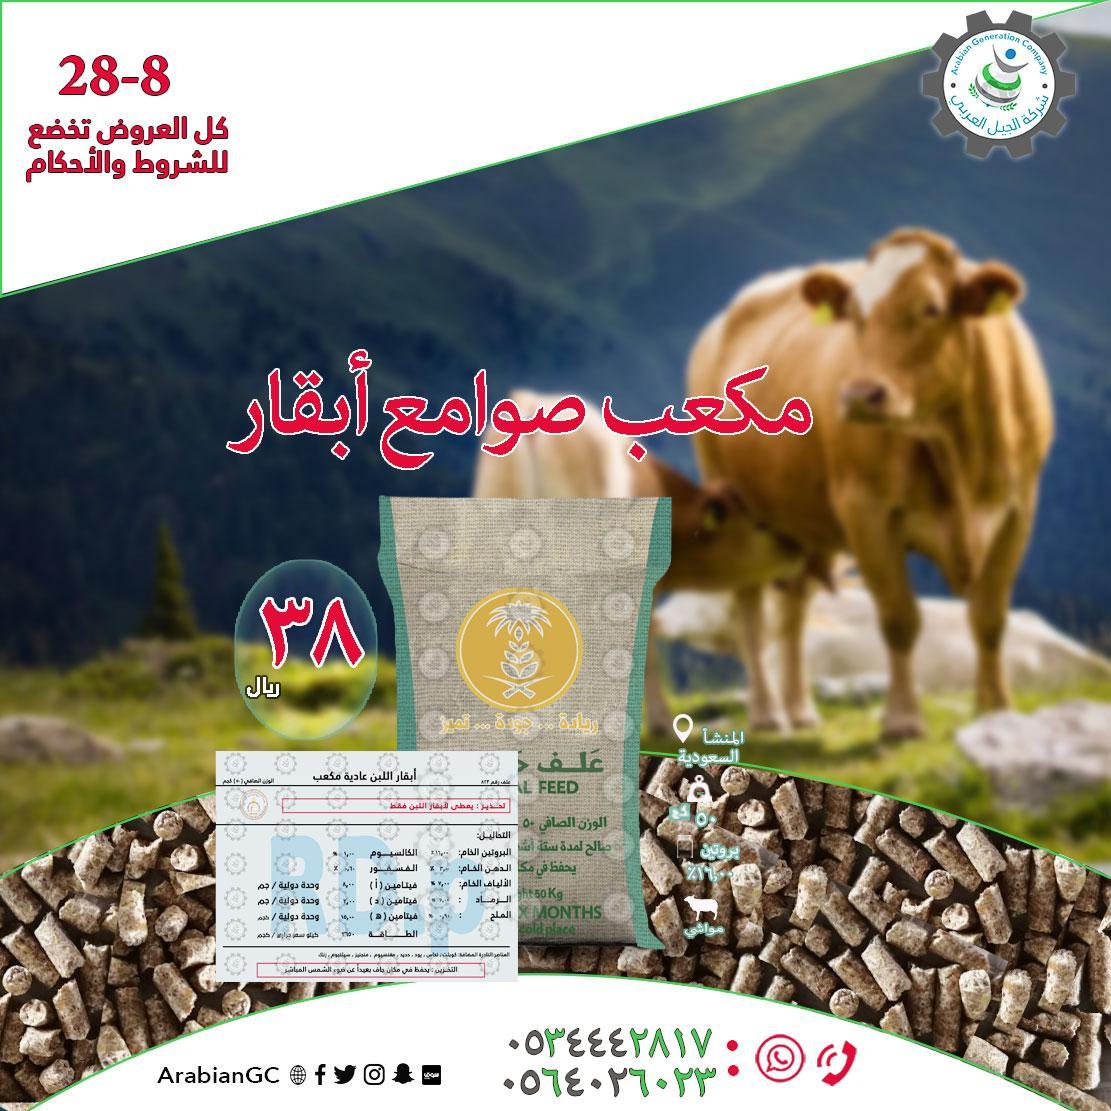 جديد لمربي الأبقار شركة الجيل d.php?hash=2KYQI1TZN